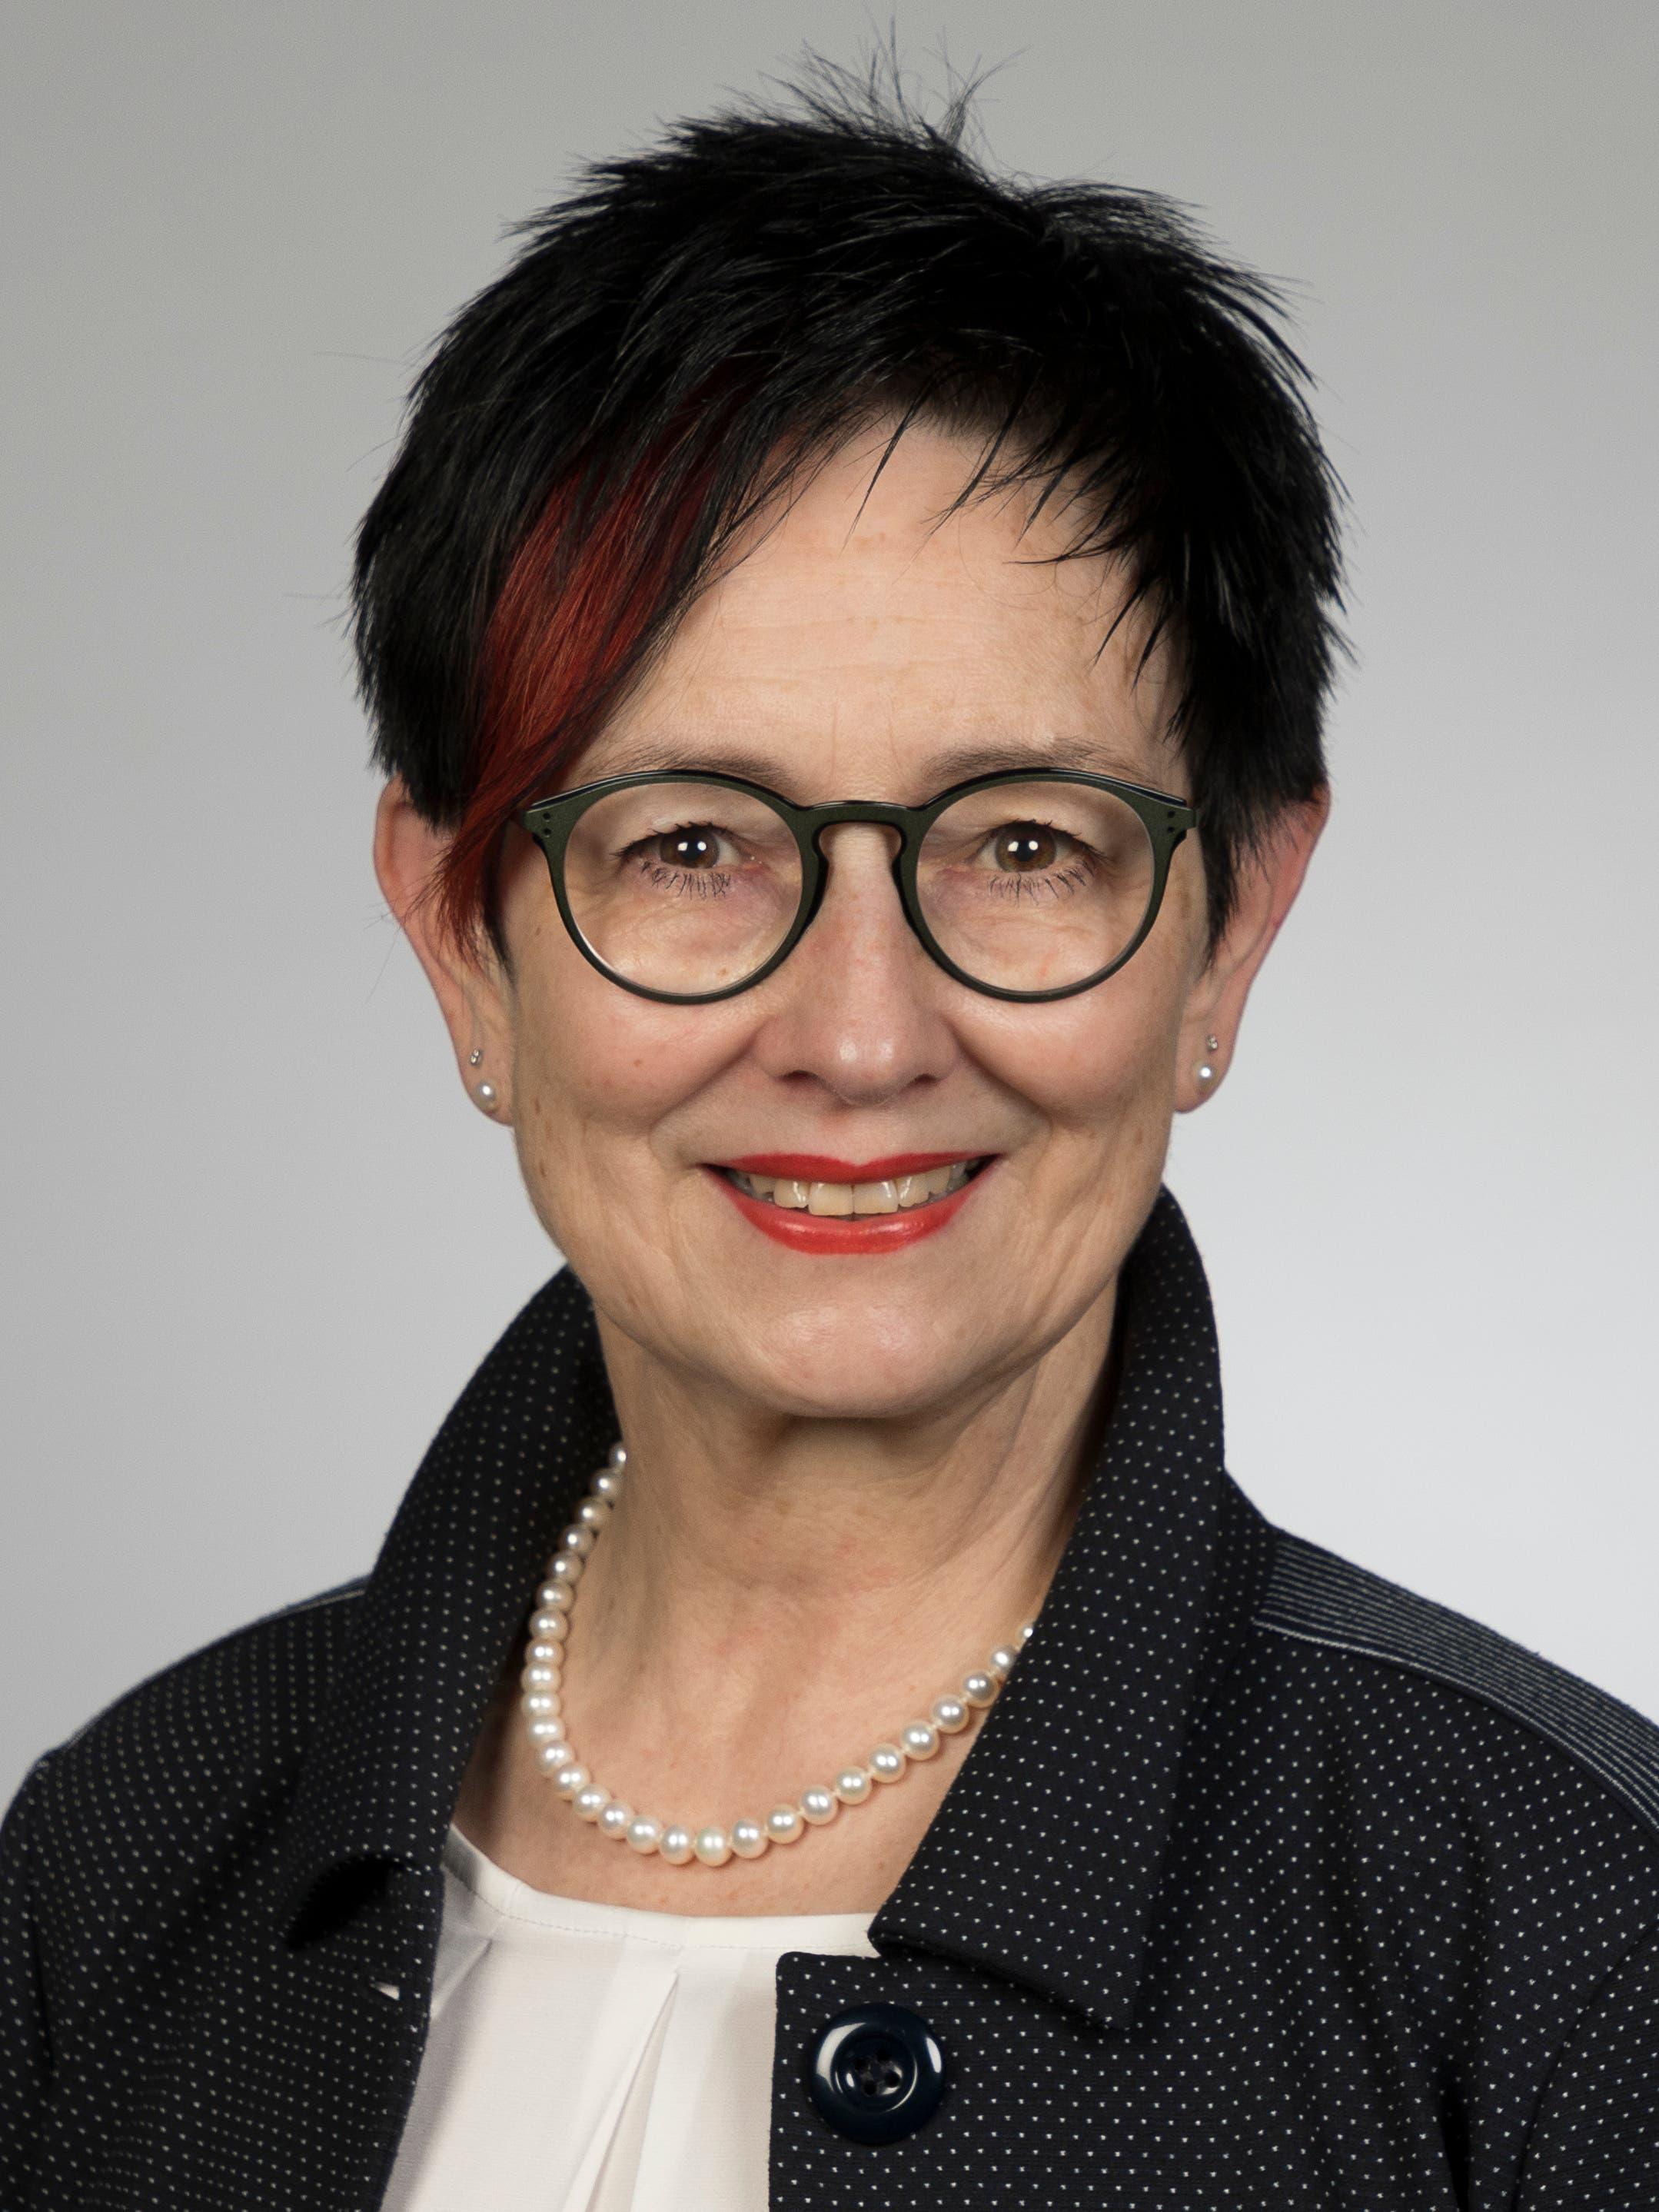 Gewählt: Luzia Kneubühler, CVP (bisher)